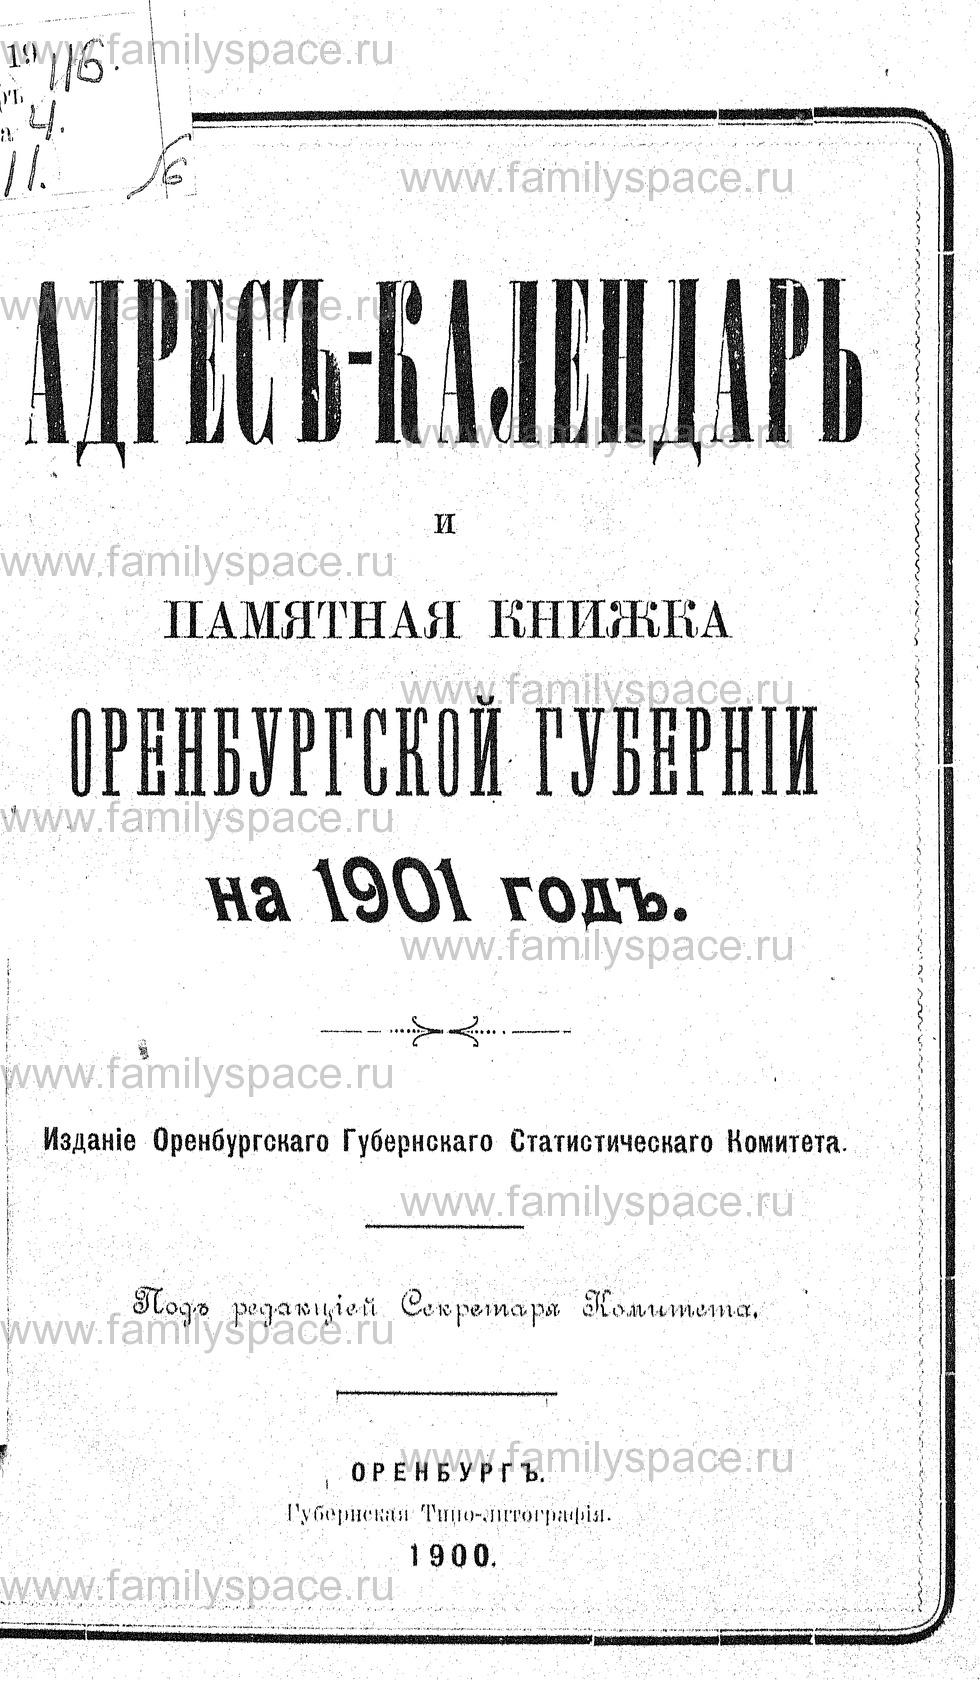 Поиск по фамилии - Адрес-календарь и памятная книжка Оренбургской губернии на 1901 г, страница 1